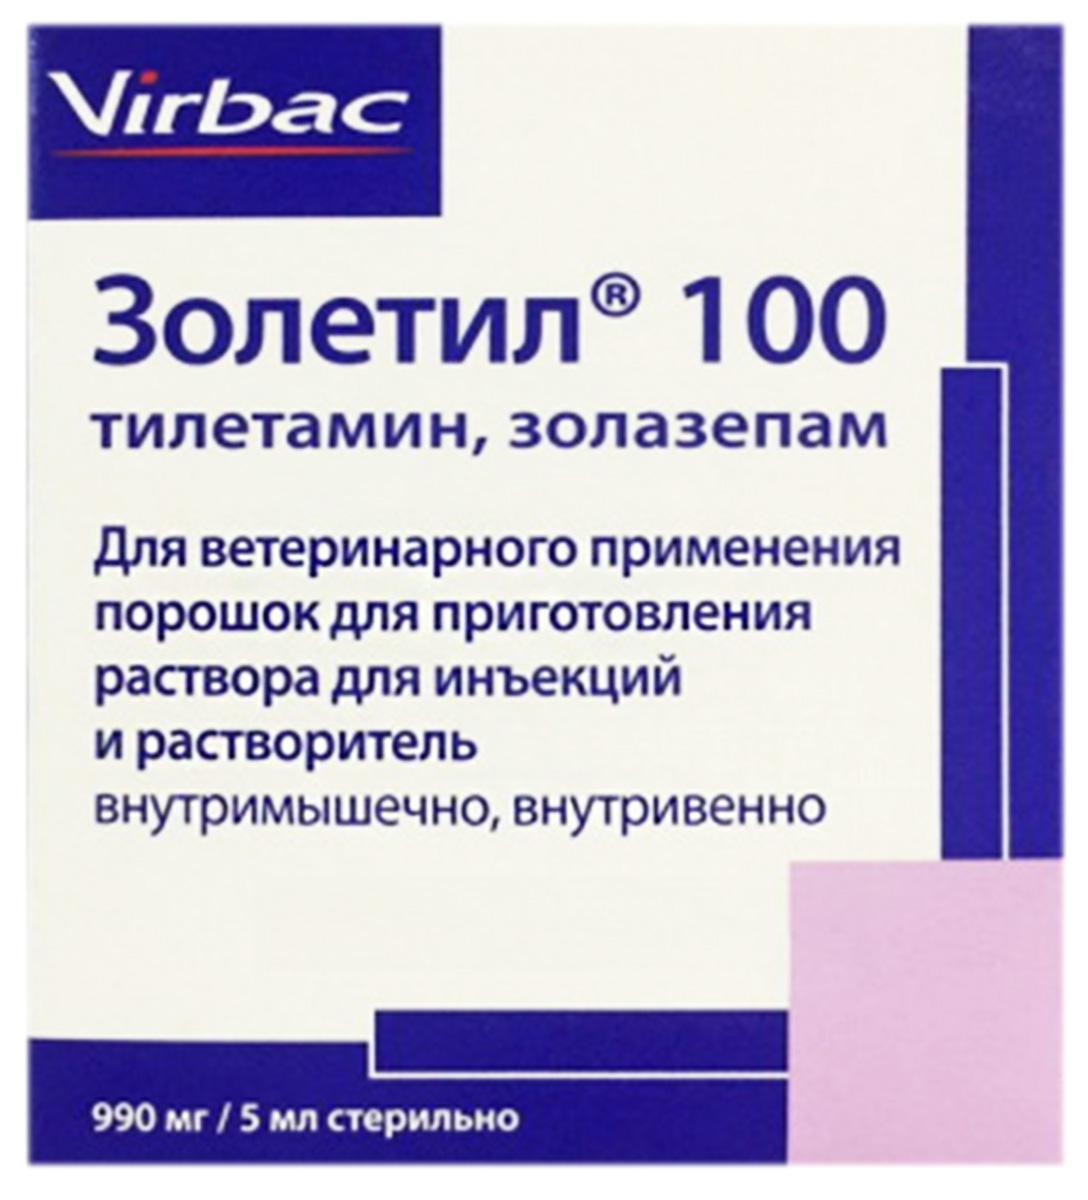 телазол препарат для общей анестезии 100 мг 1 шт золетил 100 препарат для общей анестезии 5 мл порошок для инъекций + растворитель (1 уп)